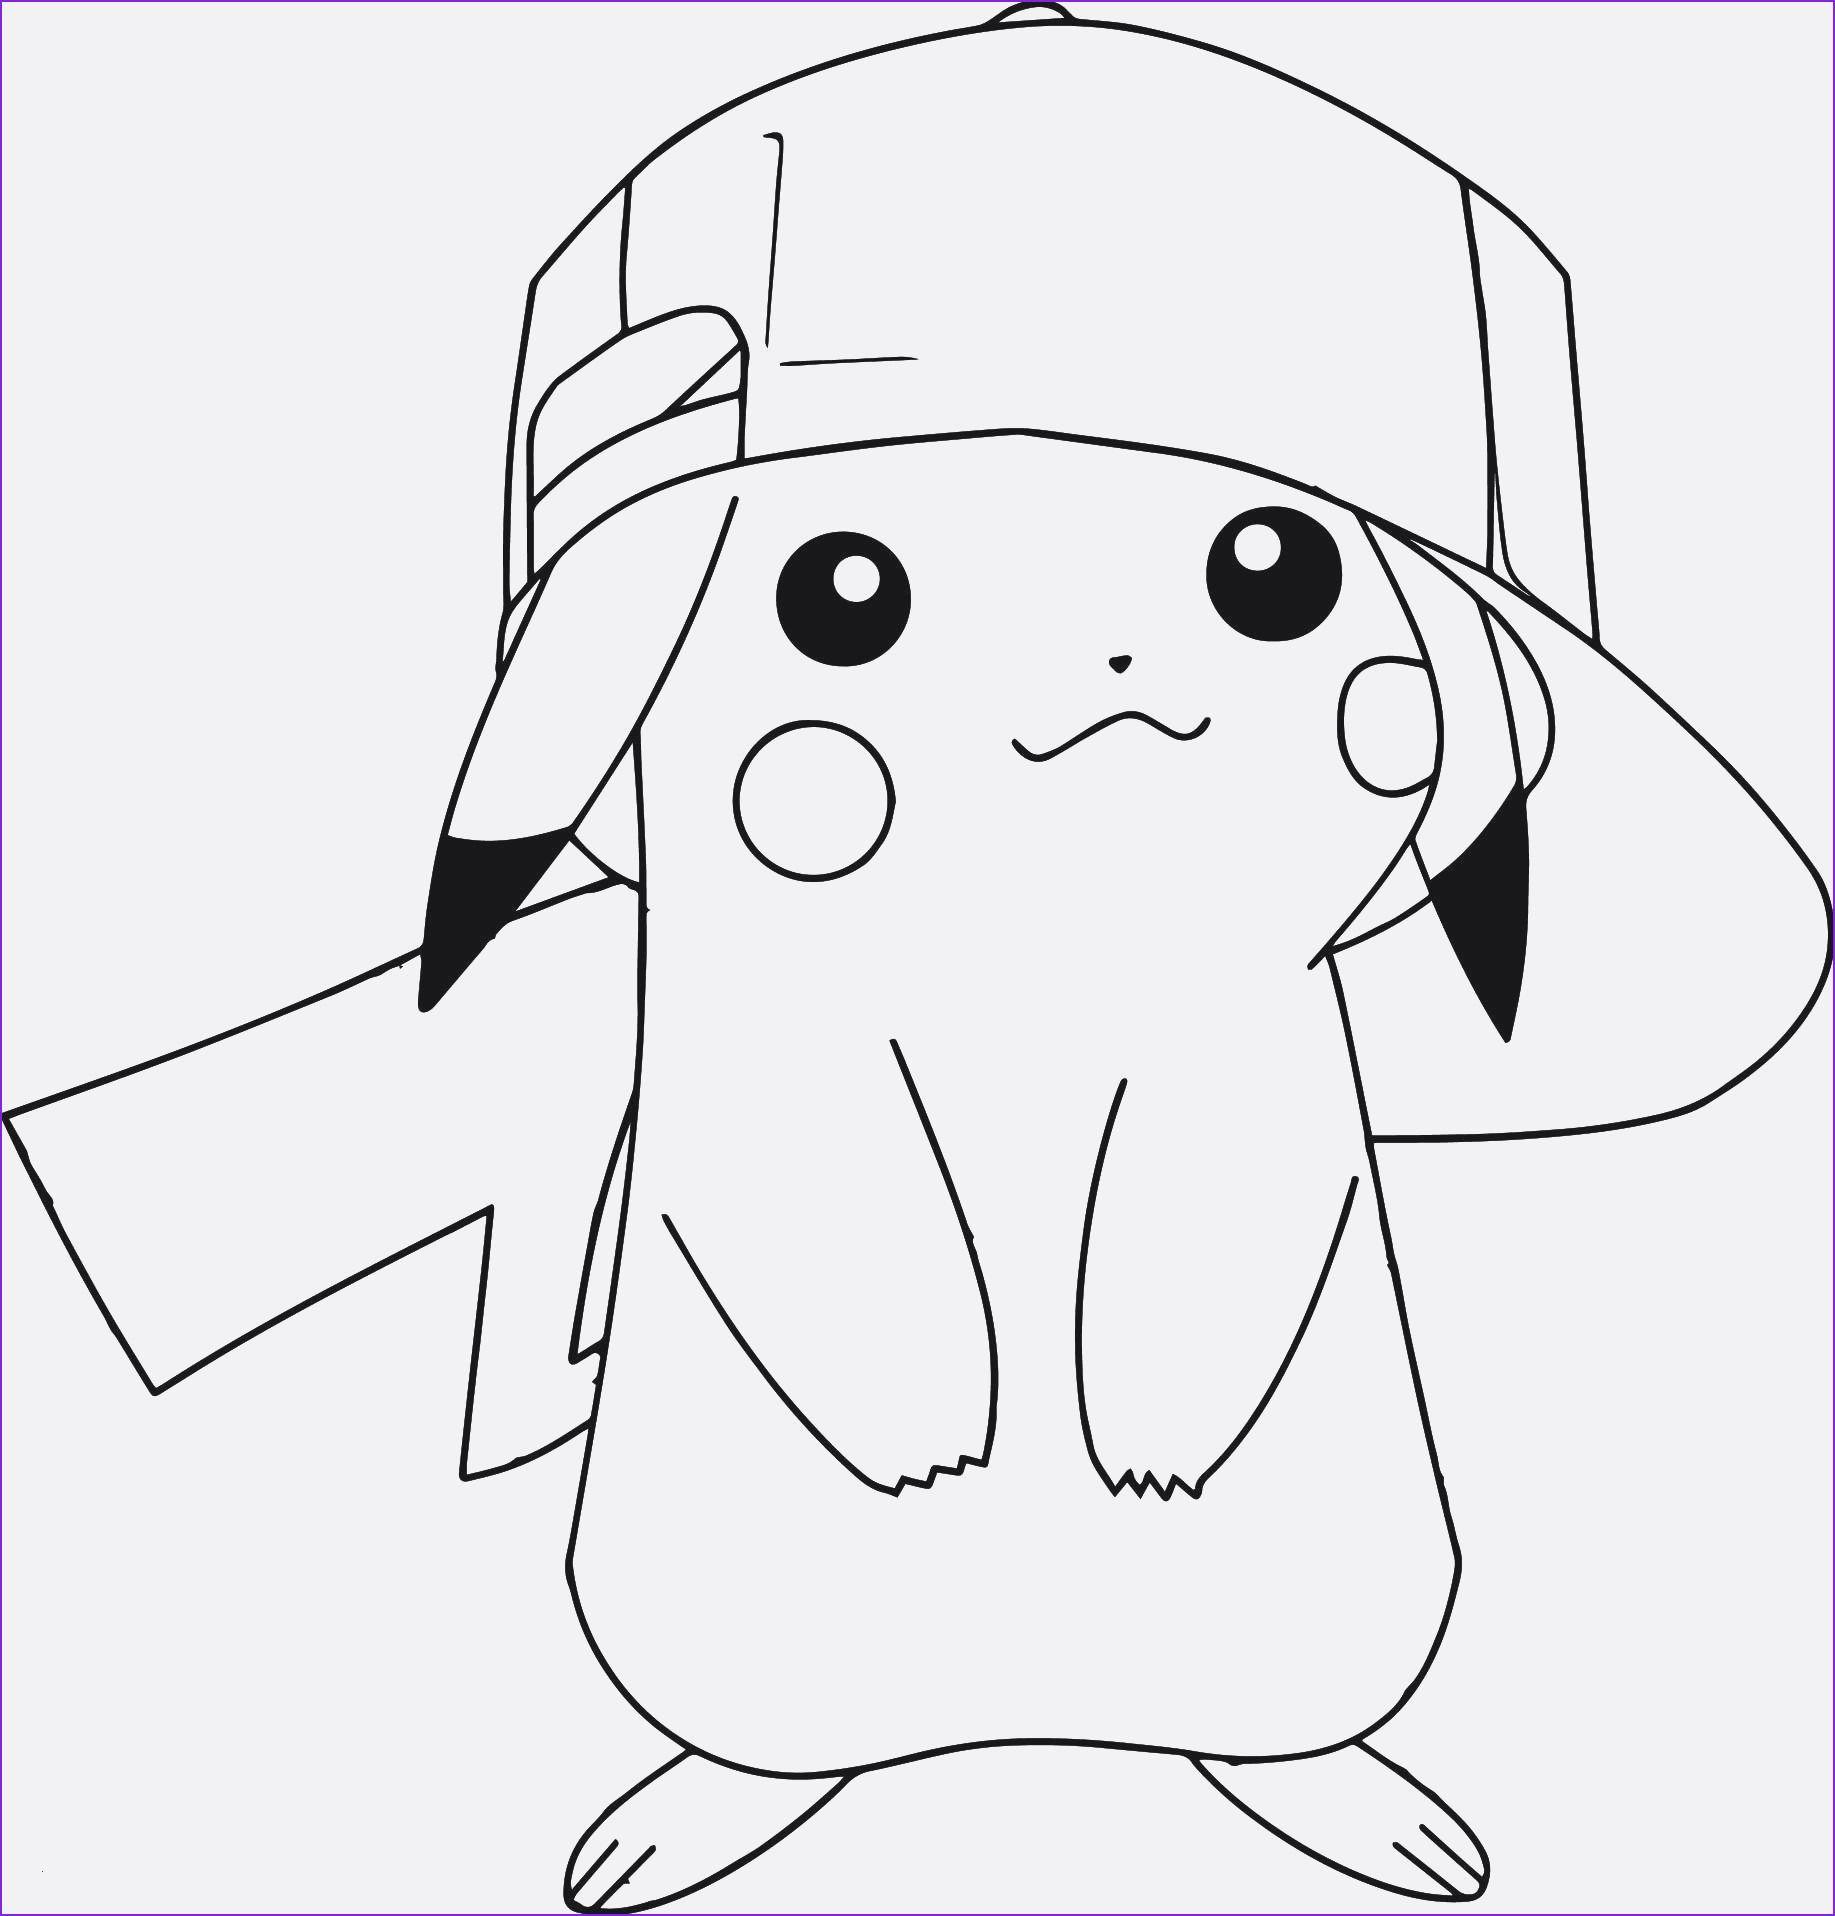 Ausmalbilder Pokemon 1ausmalbilder Com Coloringpagestoprint Ausmalbilder Pokemon 1ausmalbilder Com Pokemon Malvorlagen Pokemon Ausmalbilder Ausmalbilder